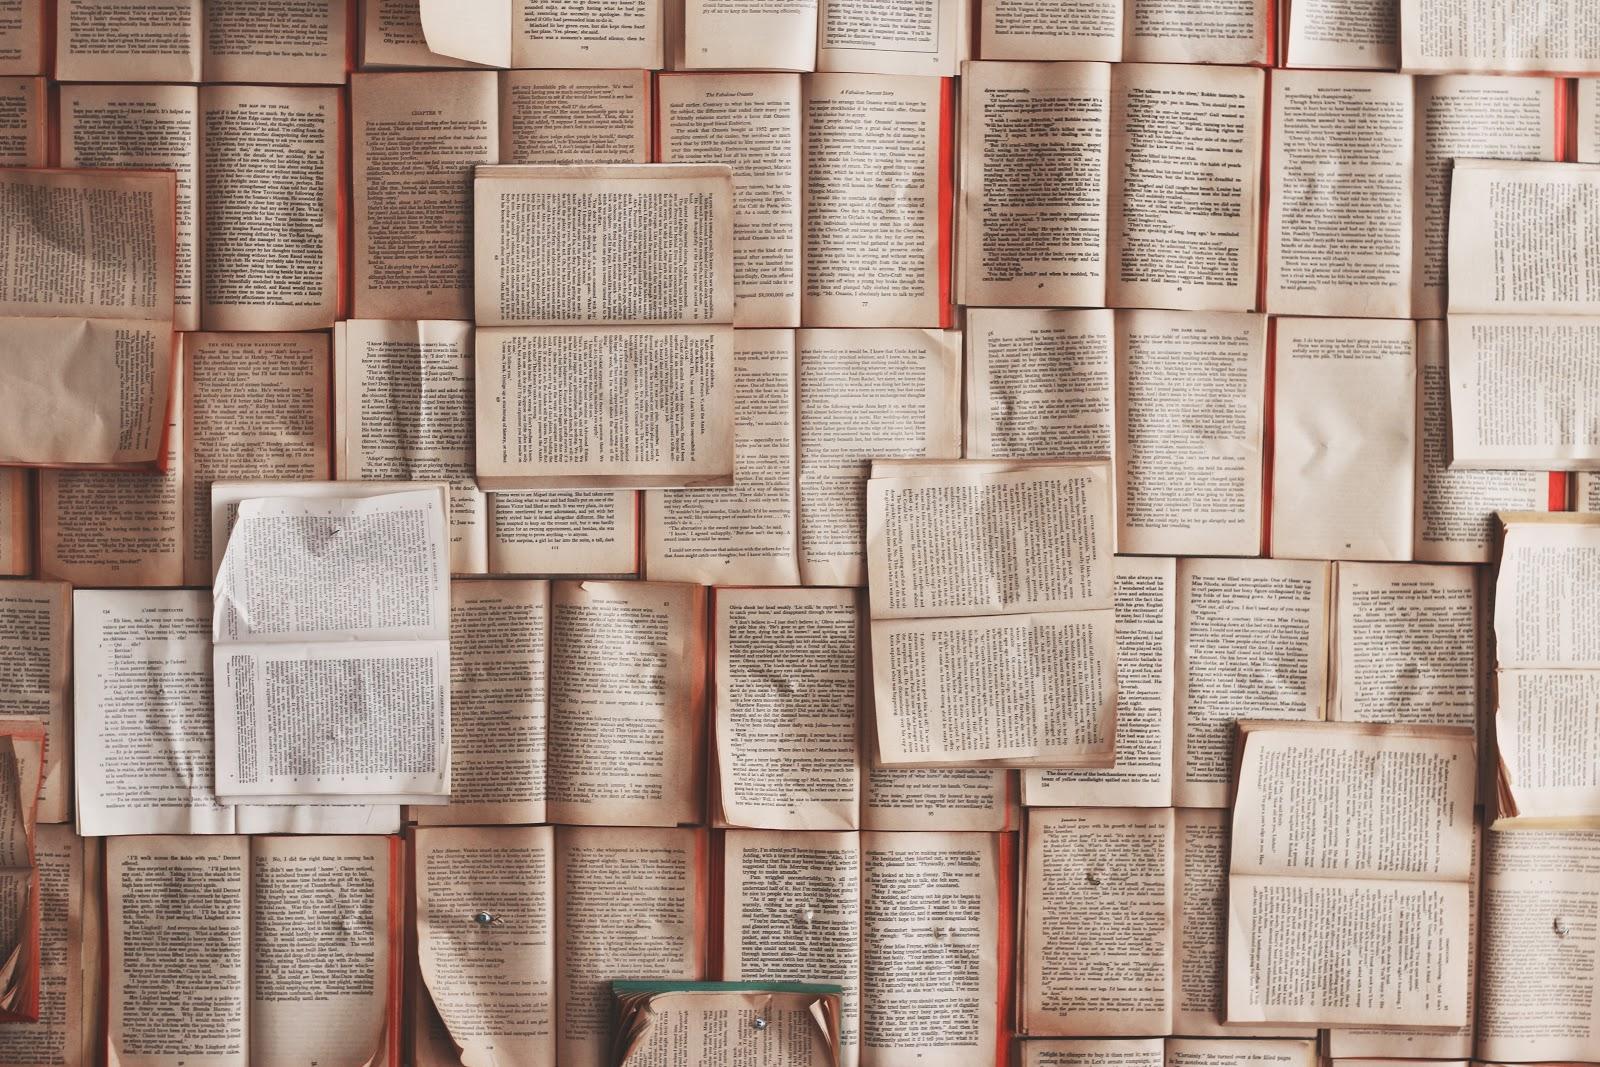 BIBLIOMANIA (A Guide To Bibliomania)